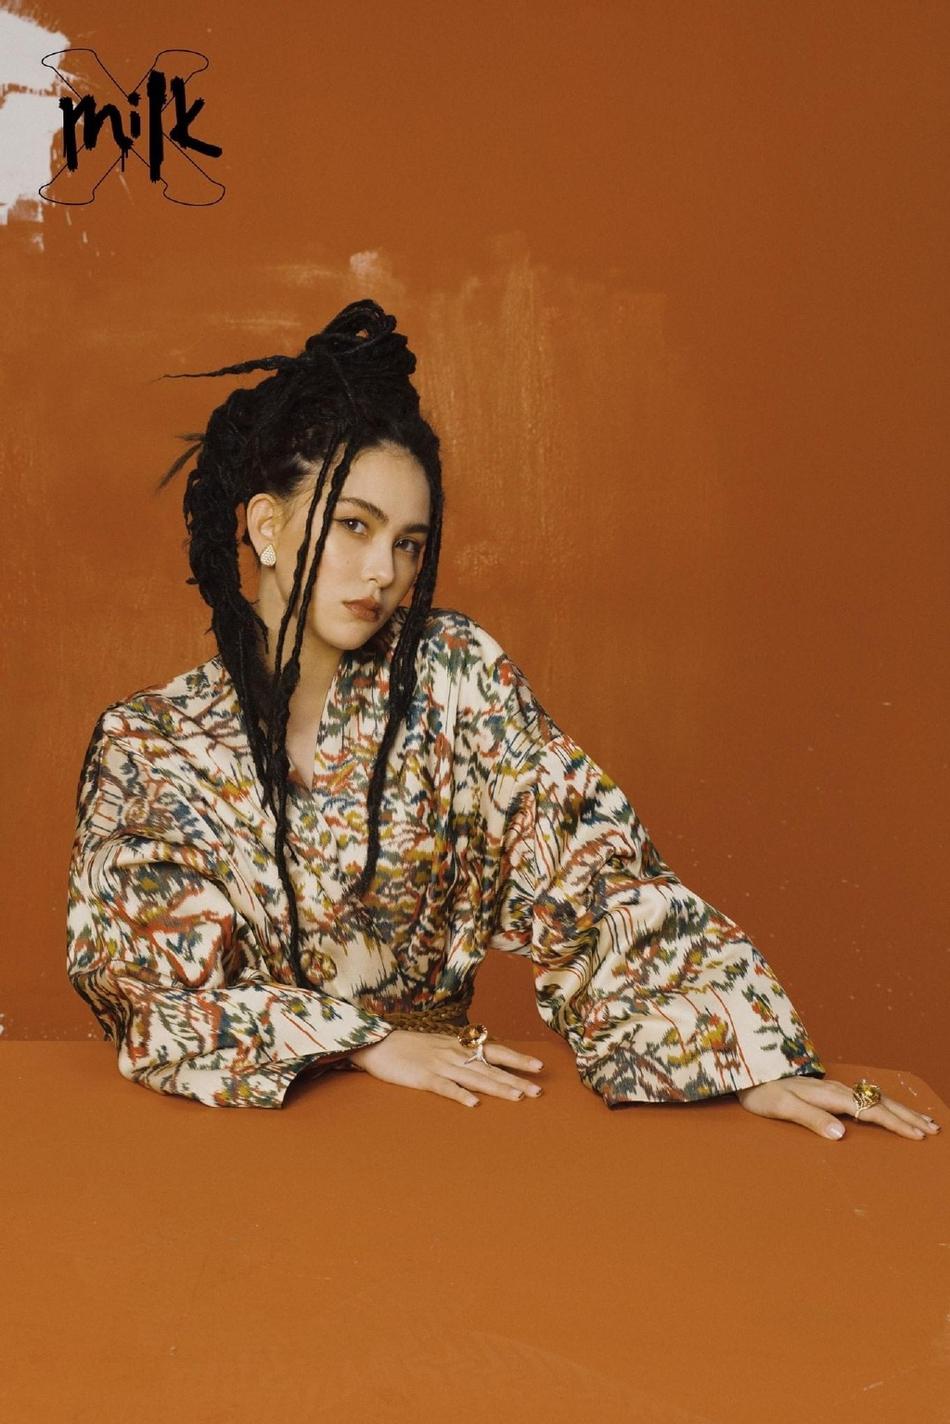 昆凌最新杂志封面曝光印花外套带有野性的肮脏和野性